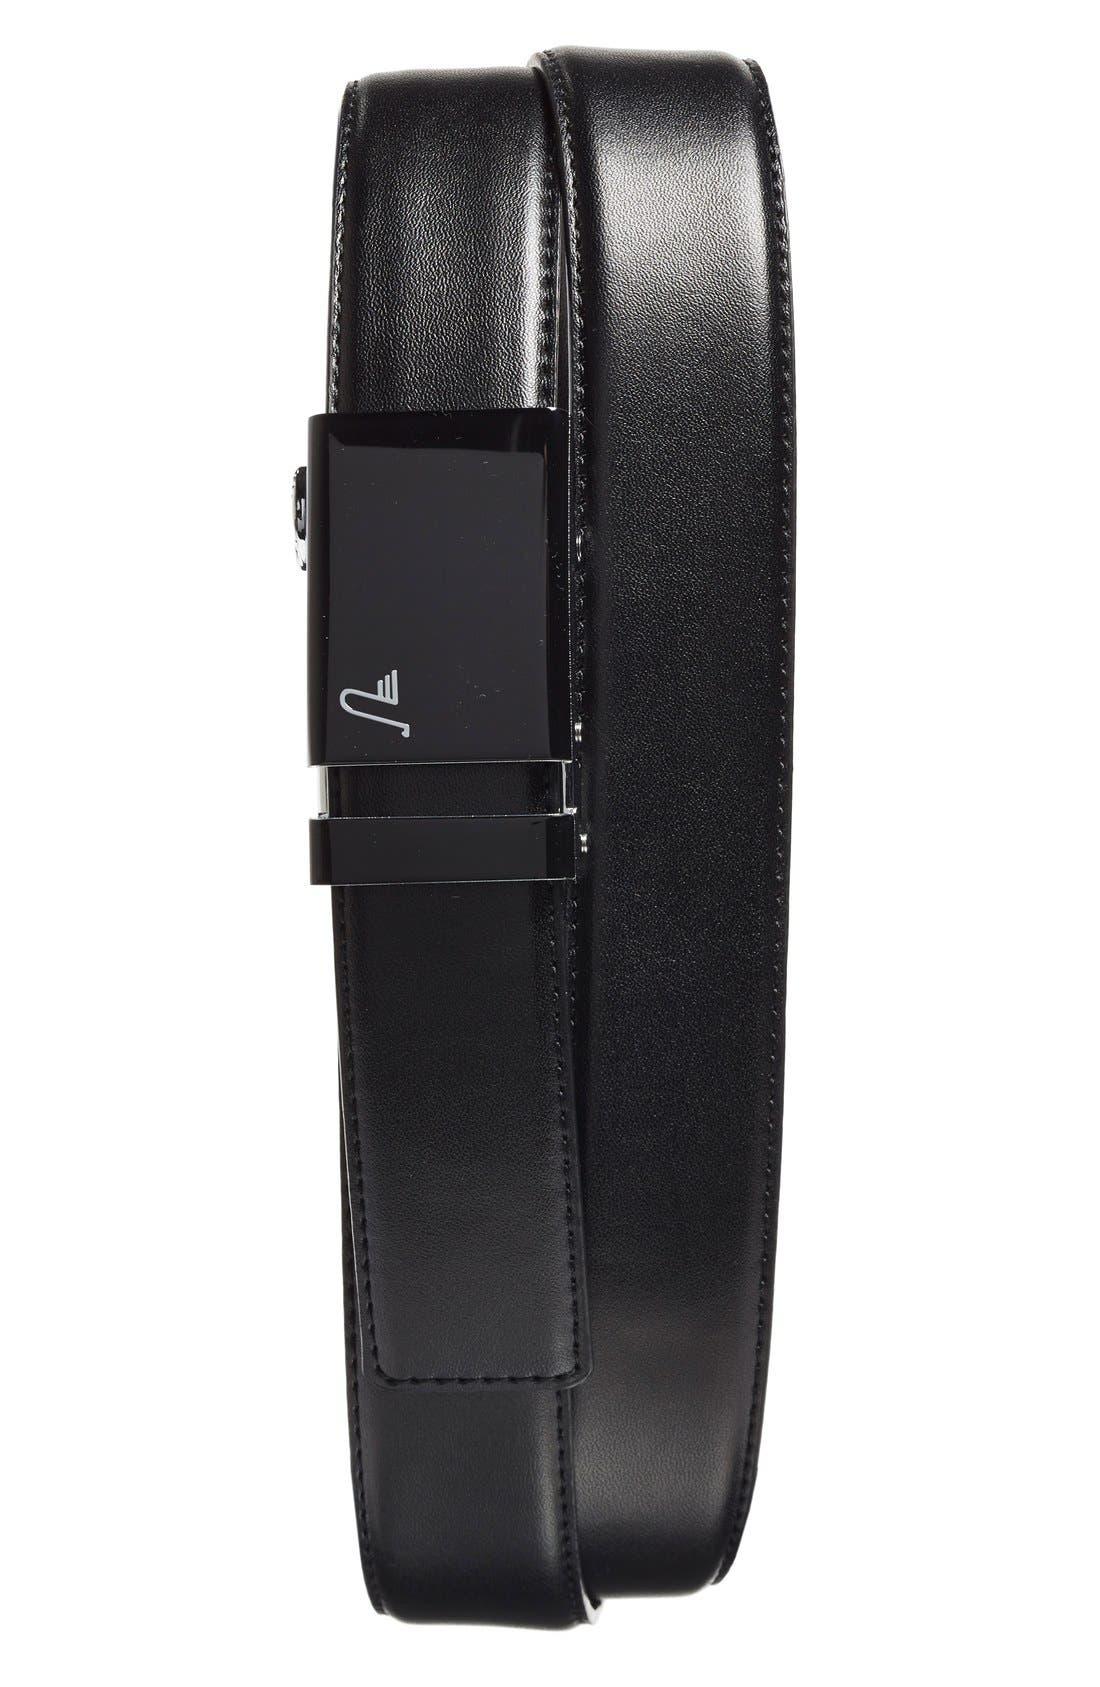 MISSION BELT 'Vader 40'Leather Belt, Main, color, BLACK/ BLACK